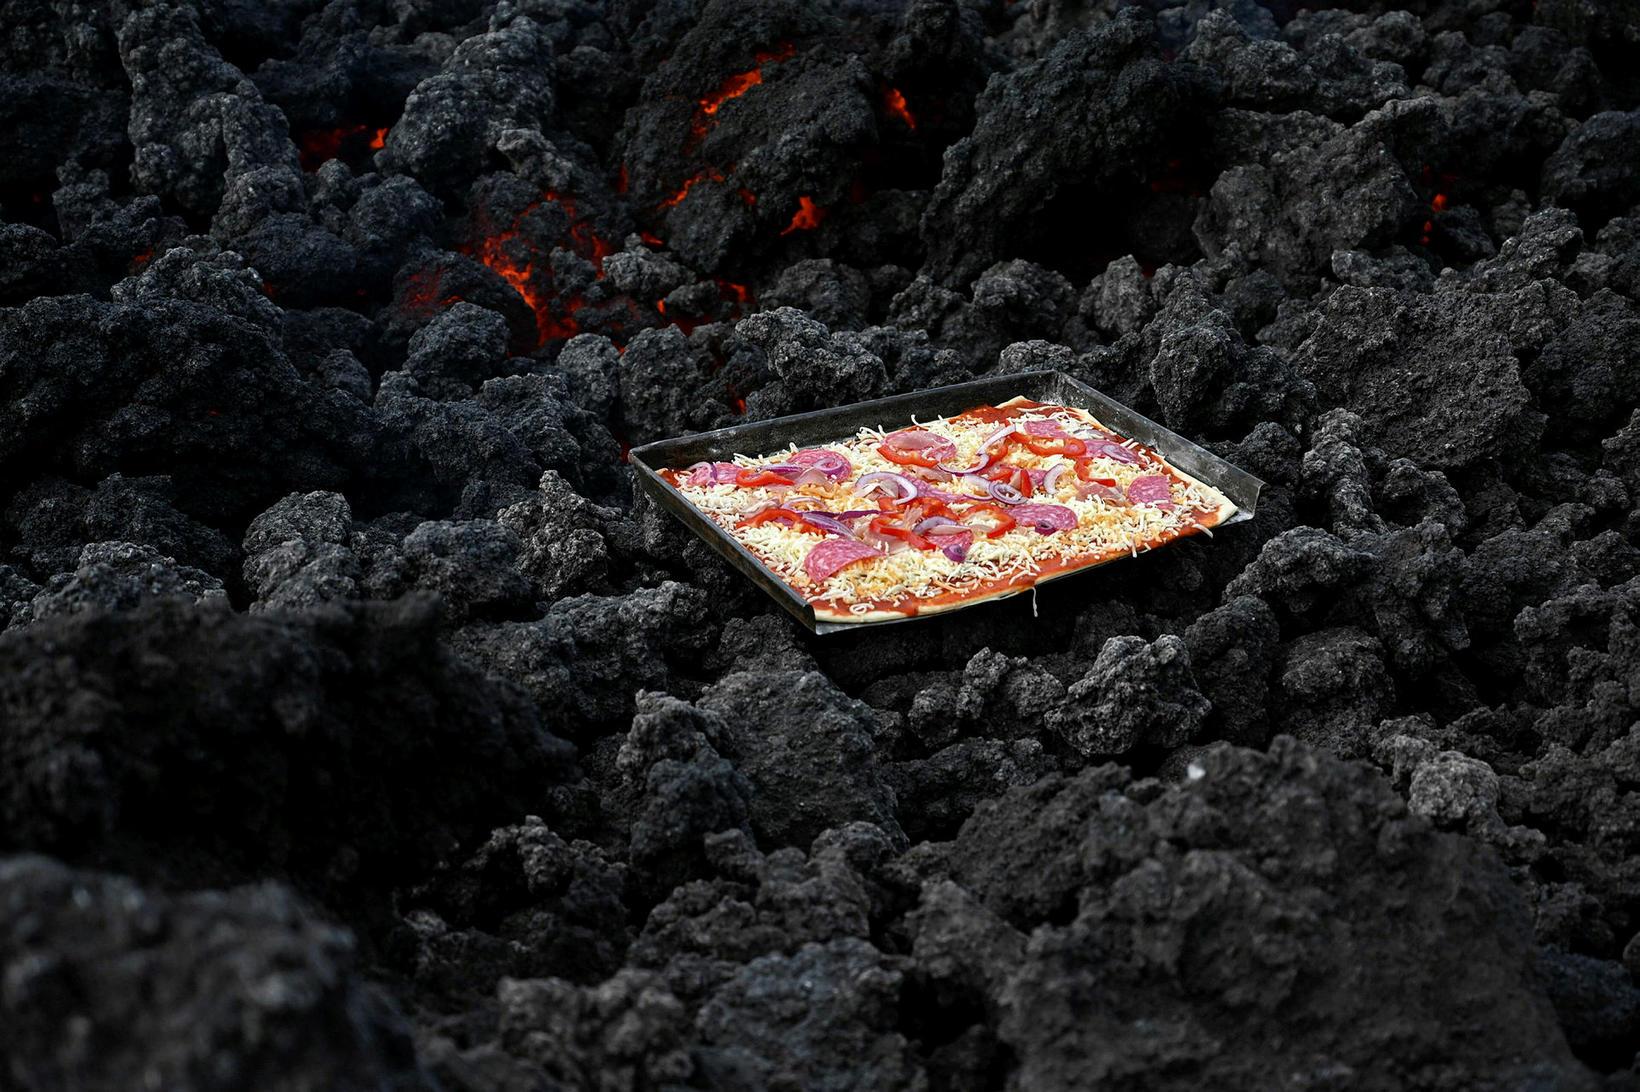 Hraunbökuð pizza